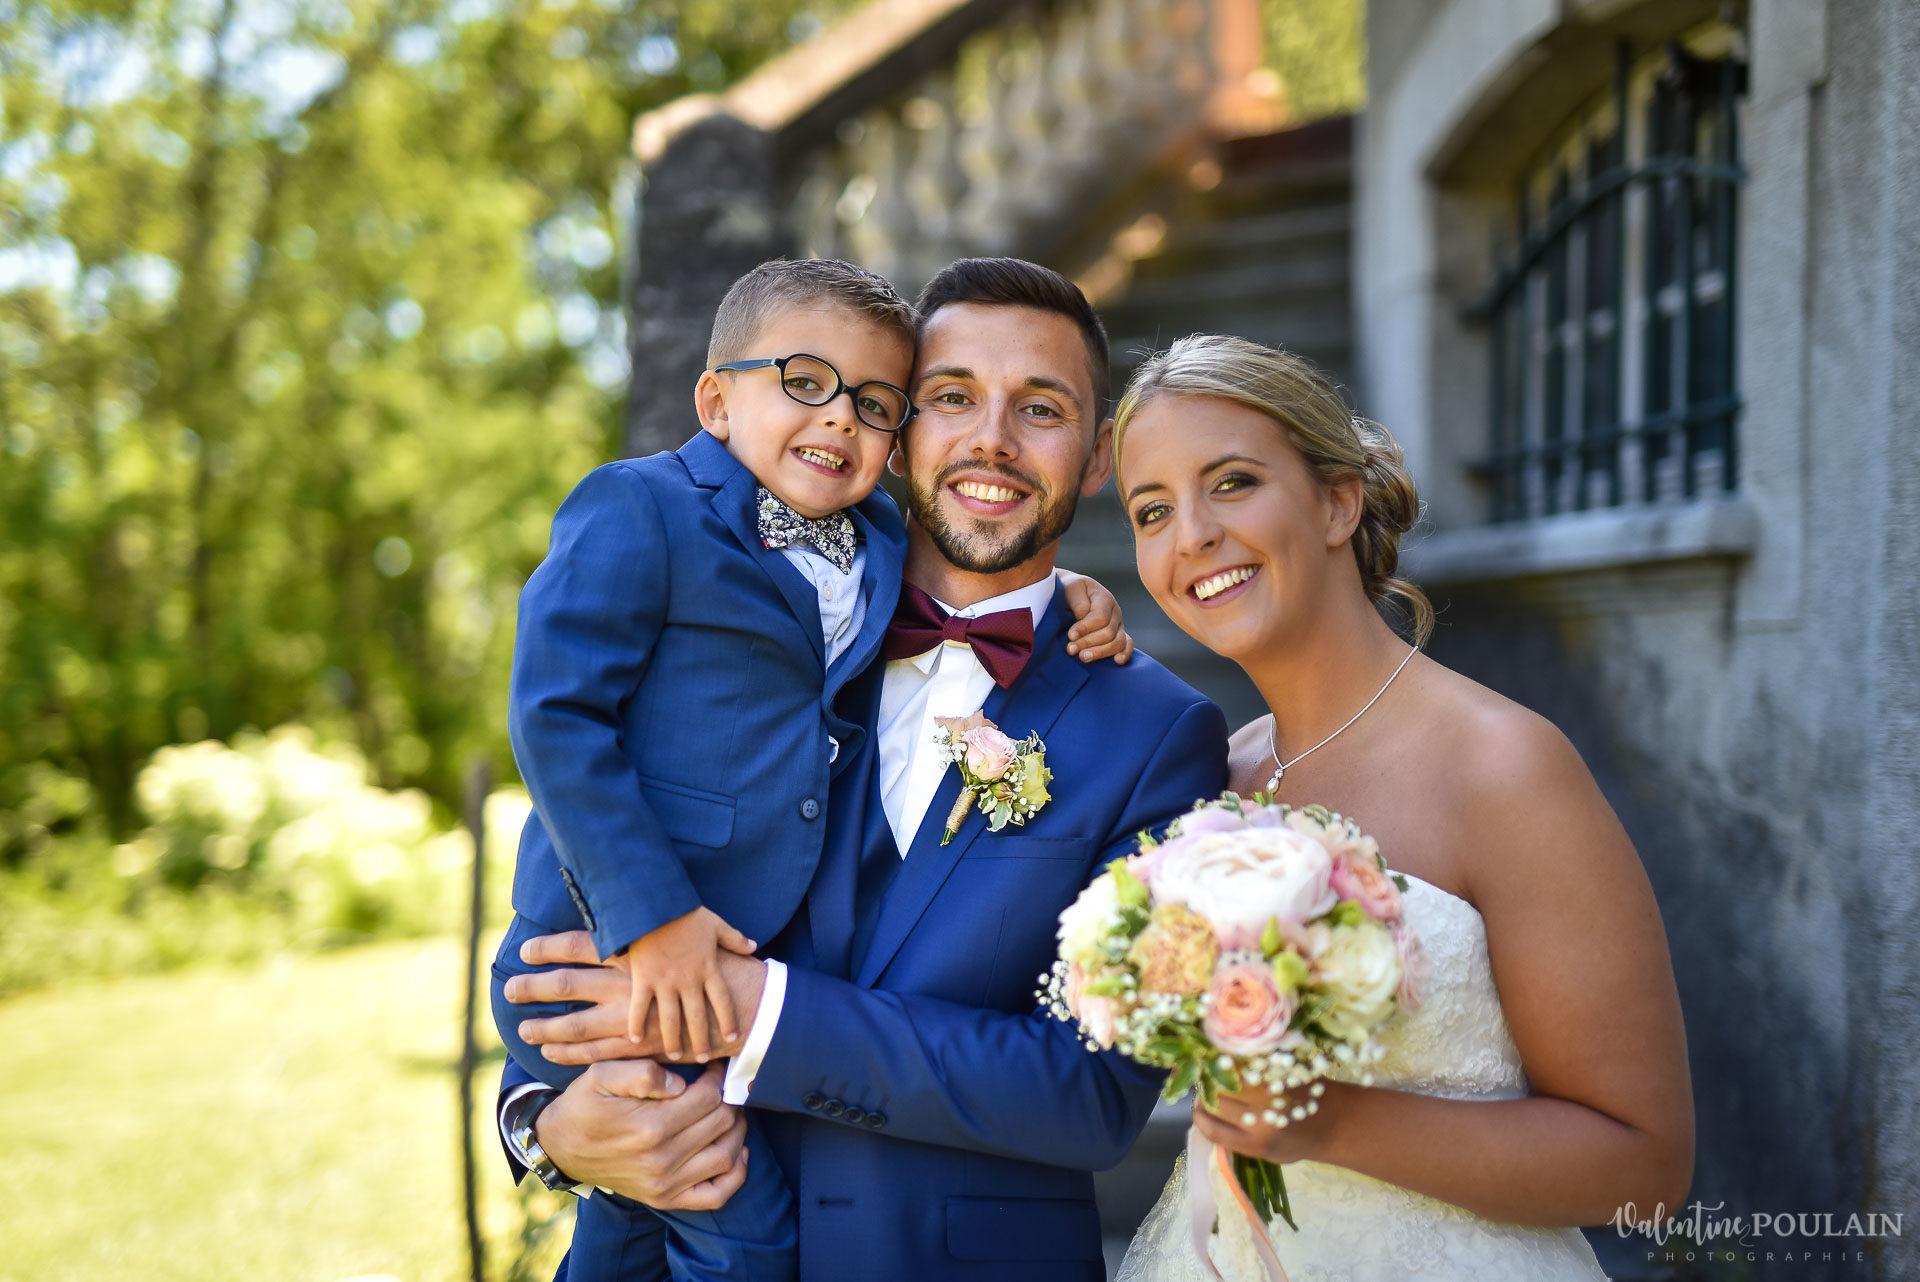 Mariage fun Petit Wettolsheim - Valentine Poulain family